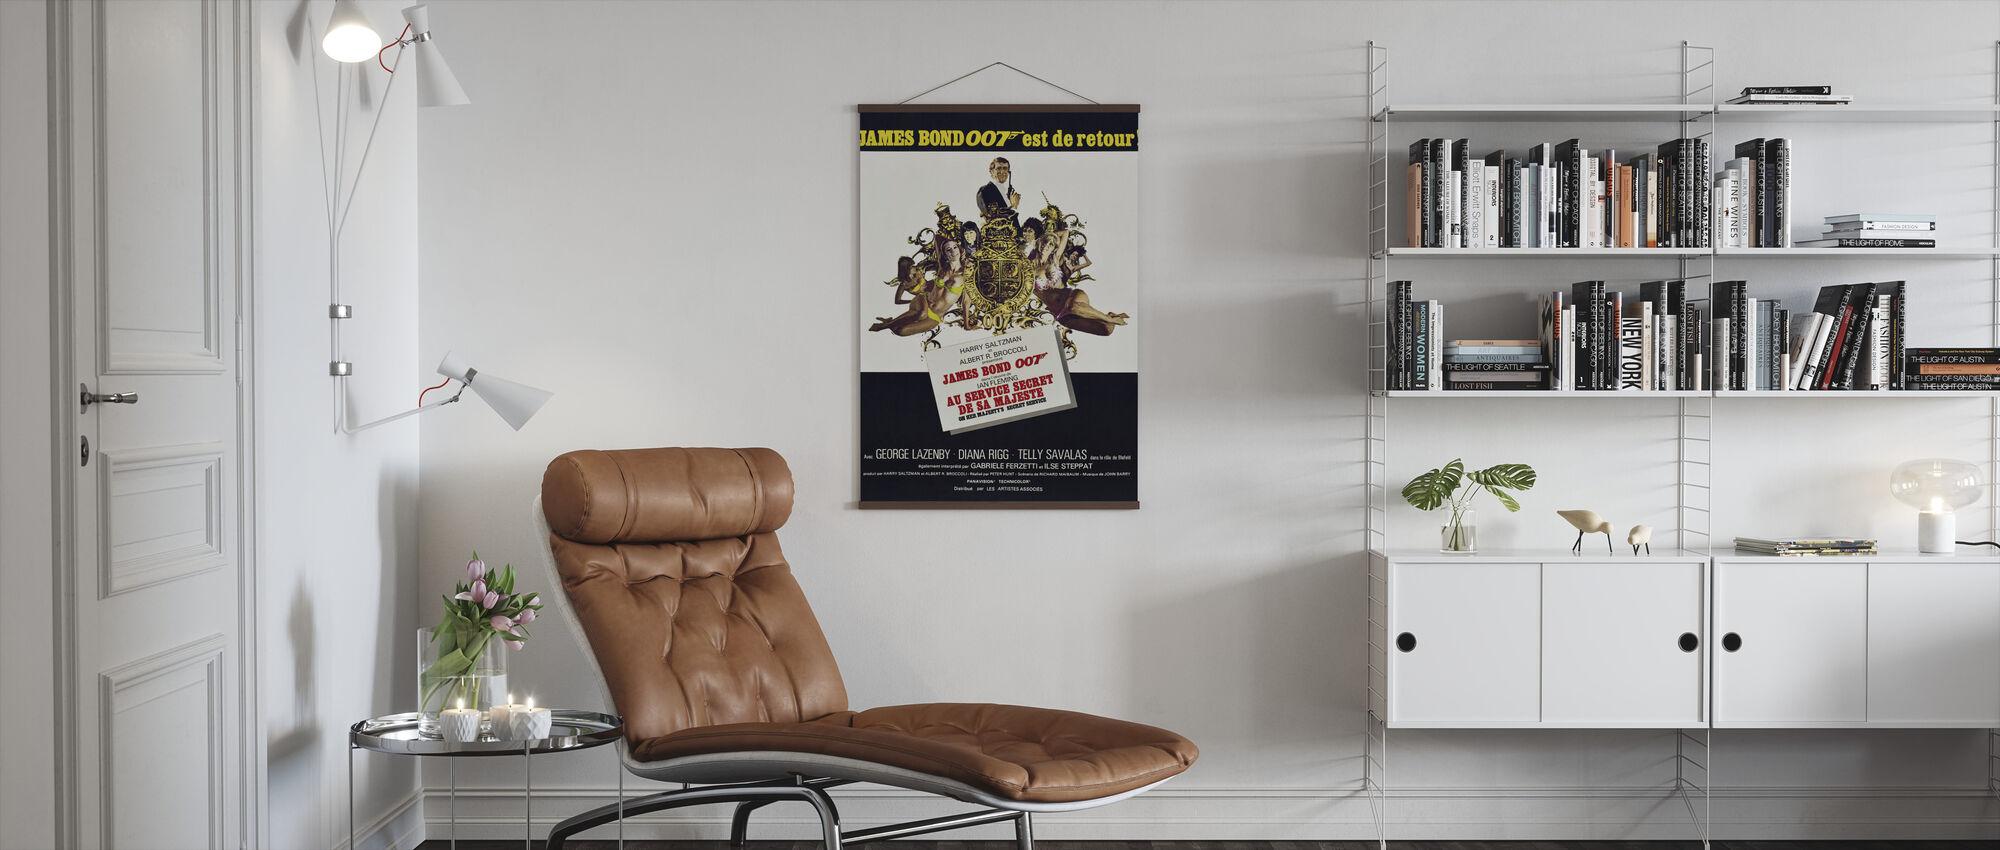 Her Majesty Secret Service - Poster - Living Room